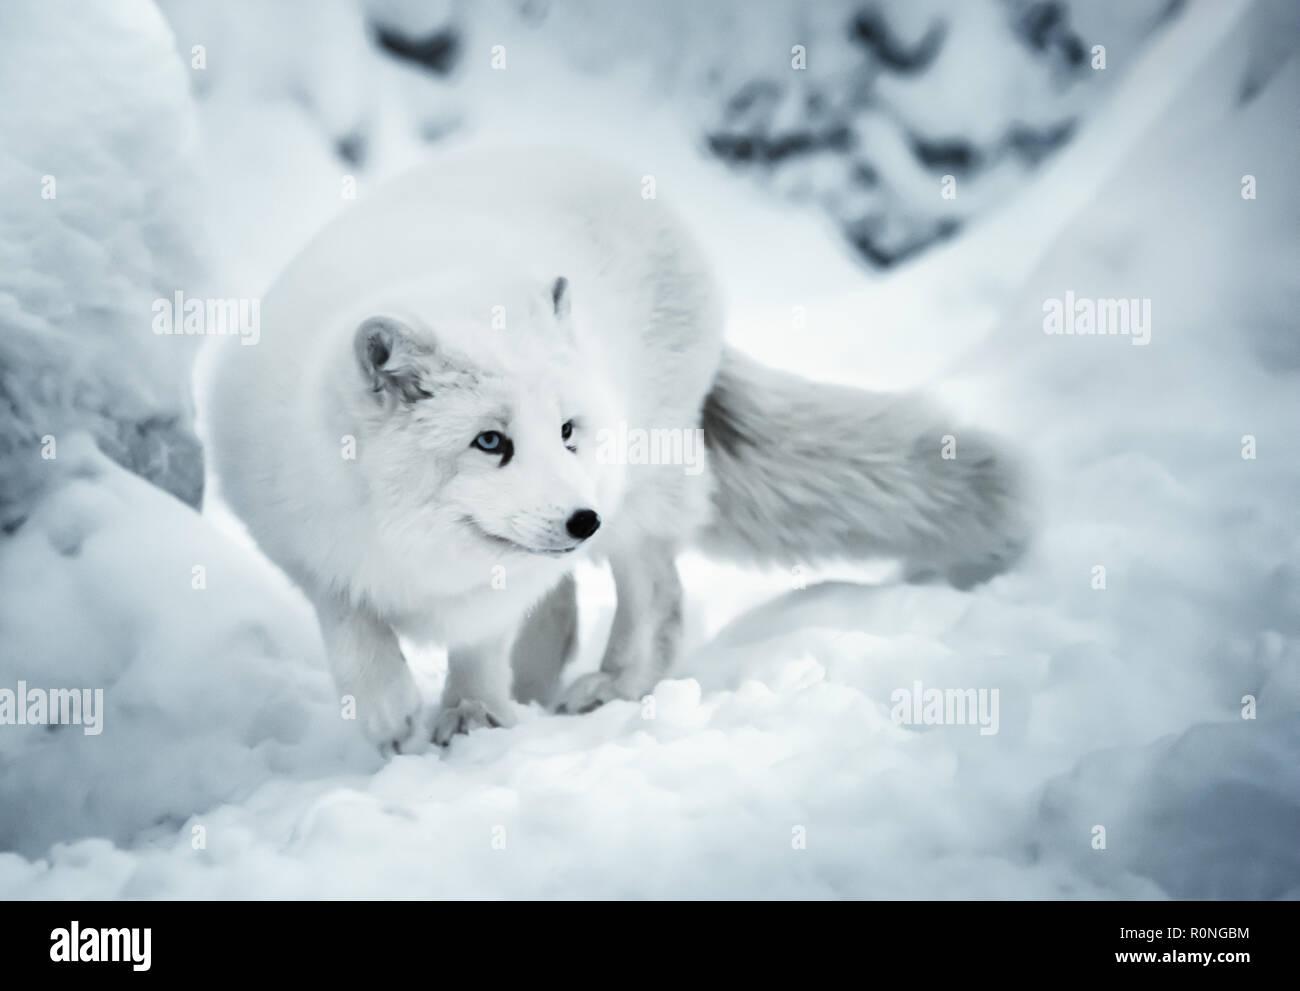 Paesaggio invernale con un adulto bianco volpe polare o Alopex lagopus in Lapponia finlandese sulla neve vera sfondo. Animale bianco è pieno di attenzione e di li Immagini Stock